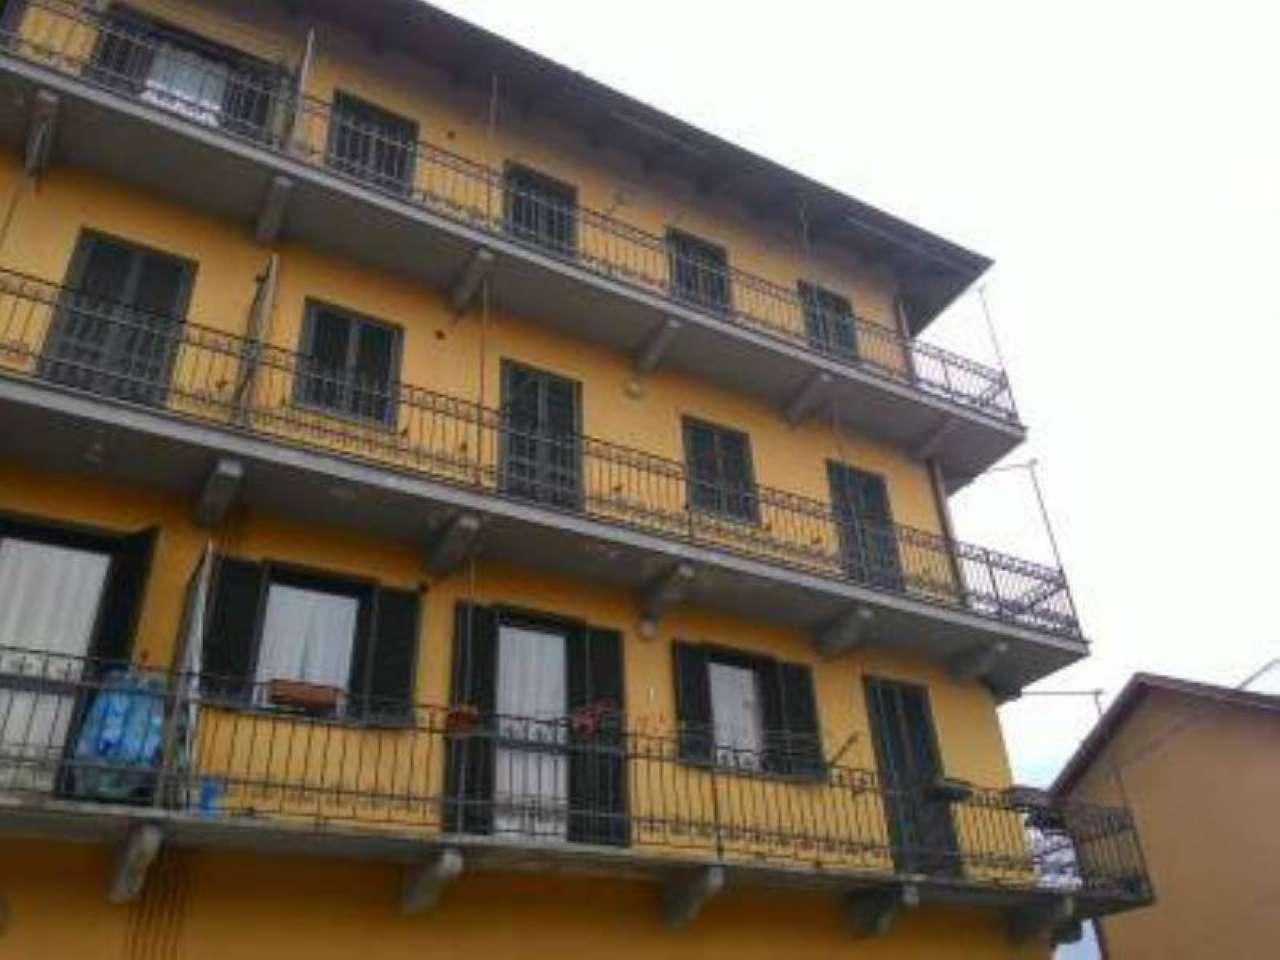 Ciriè Ciriè Affitto APPARTAMENTO , annunci affitto case torino